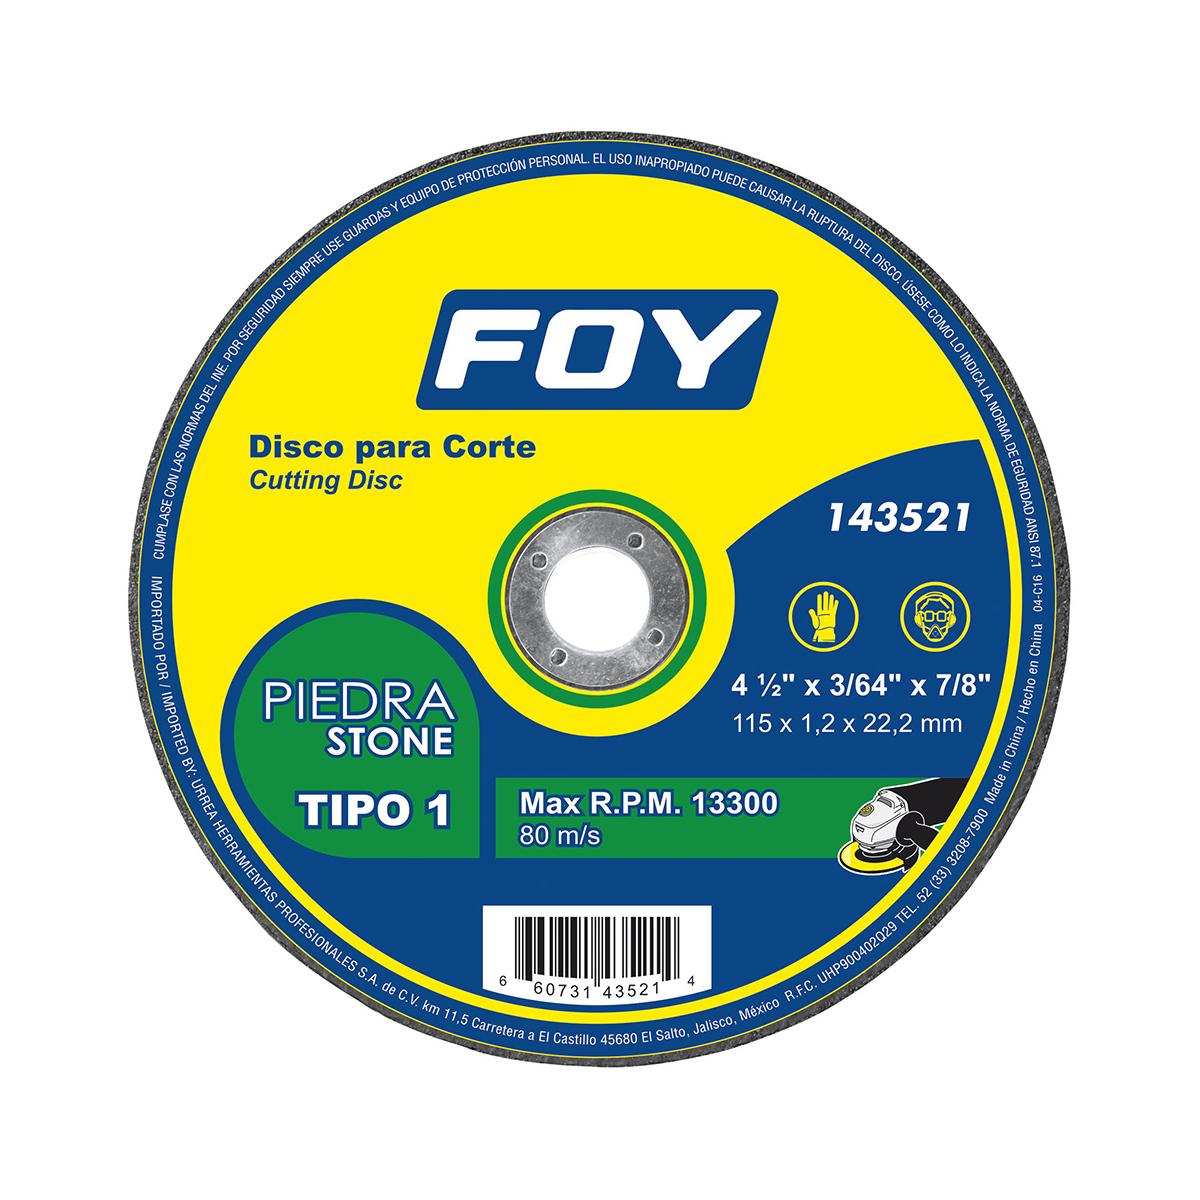 Disco T/1 Piedra 4-1/2 X1.2mm Foy 143521 Foy